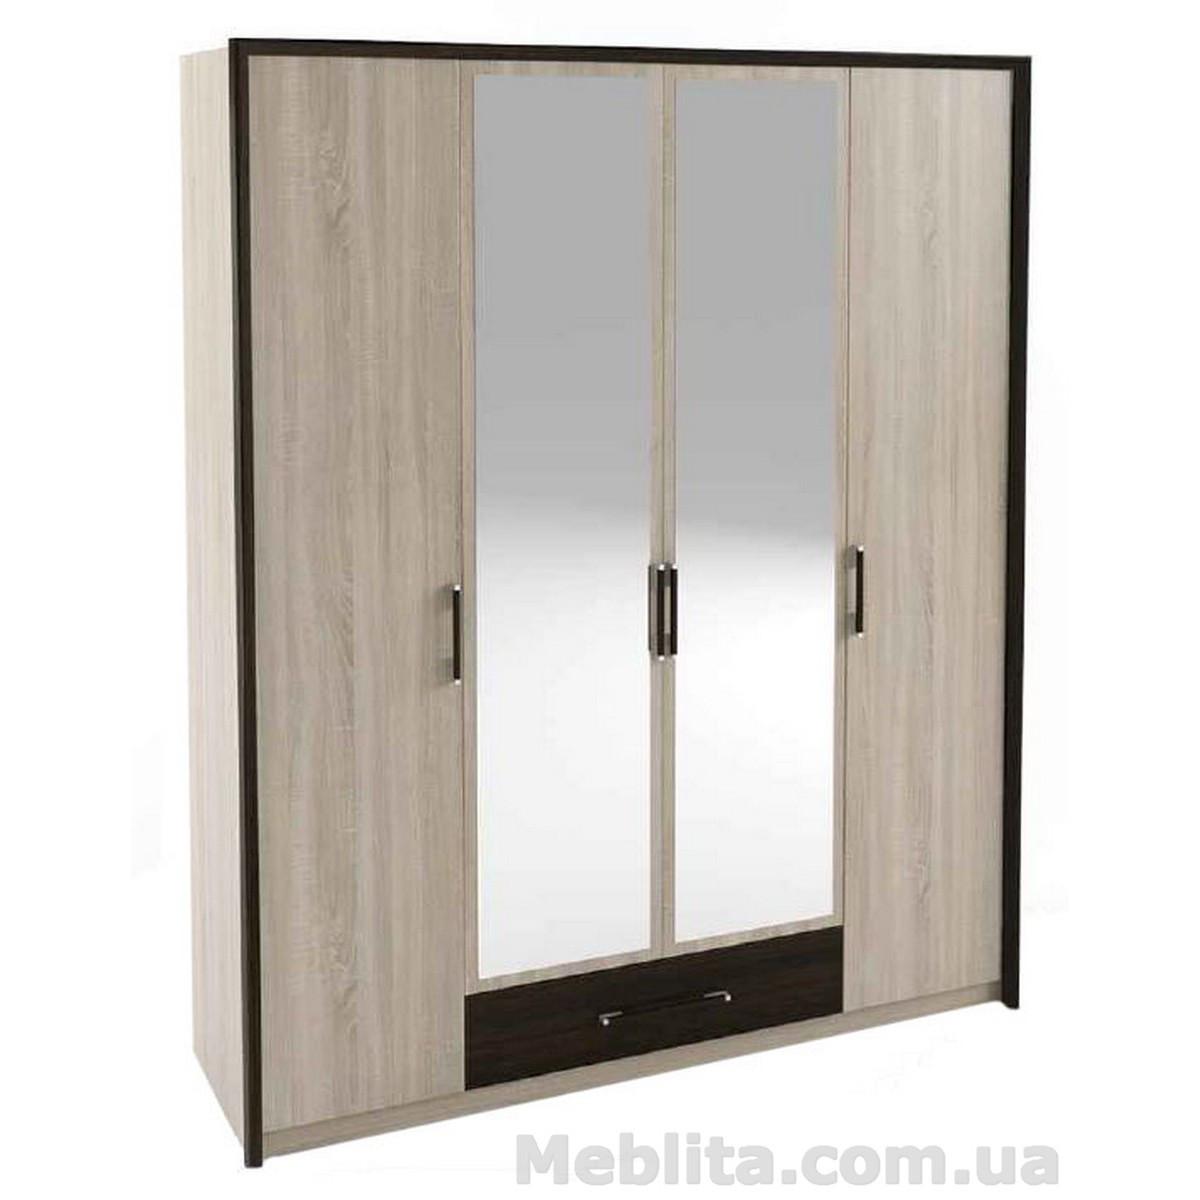 Шкаф 4-х дверный «Скарлет» Sokme